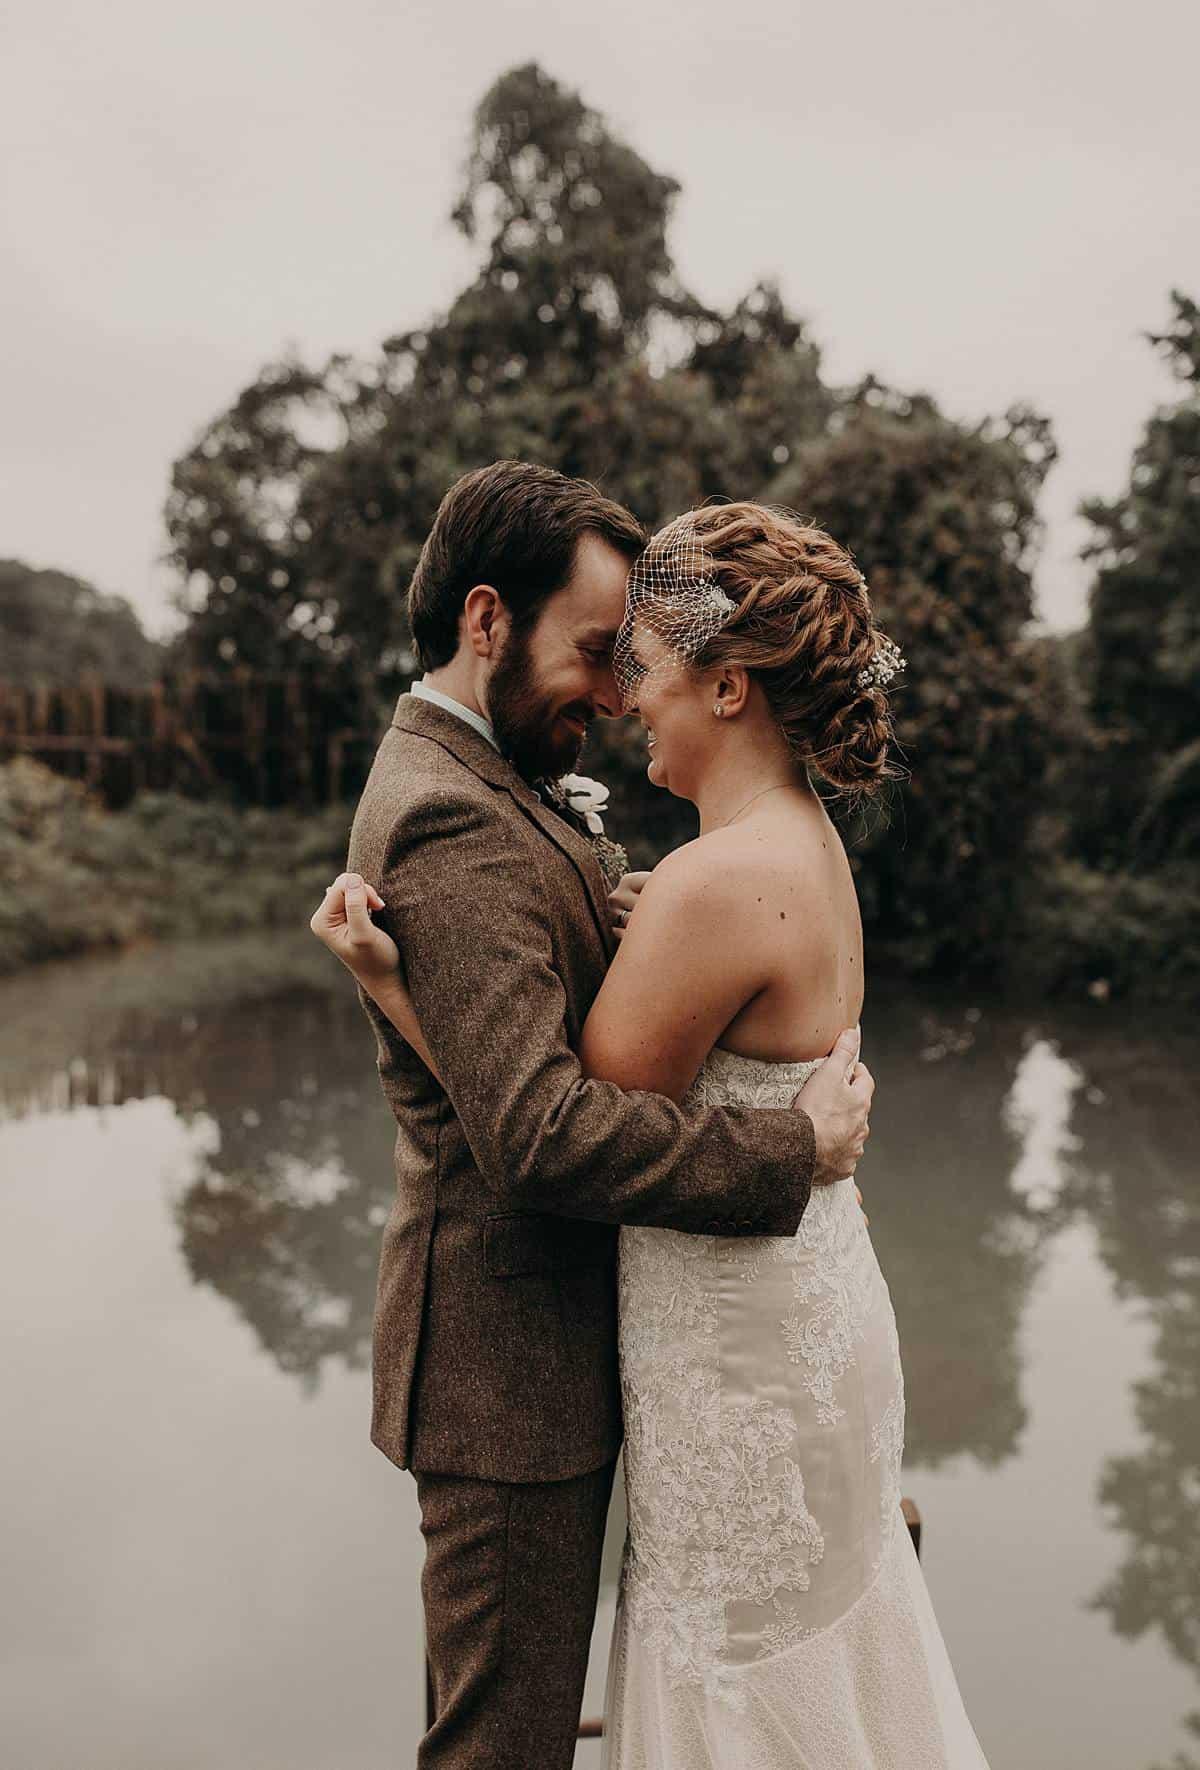 Wonderful Rustic Texas Wedding